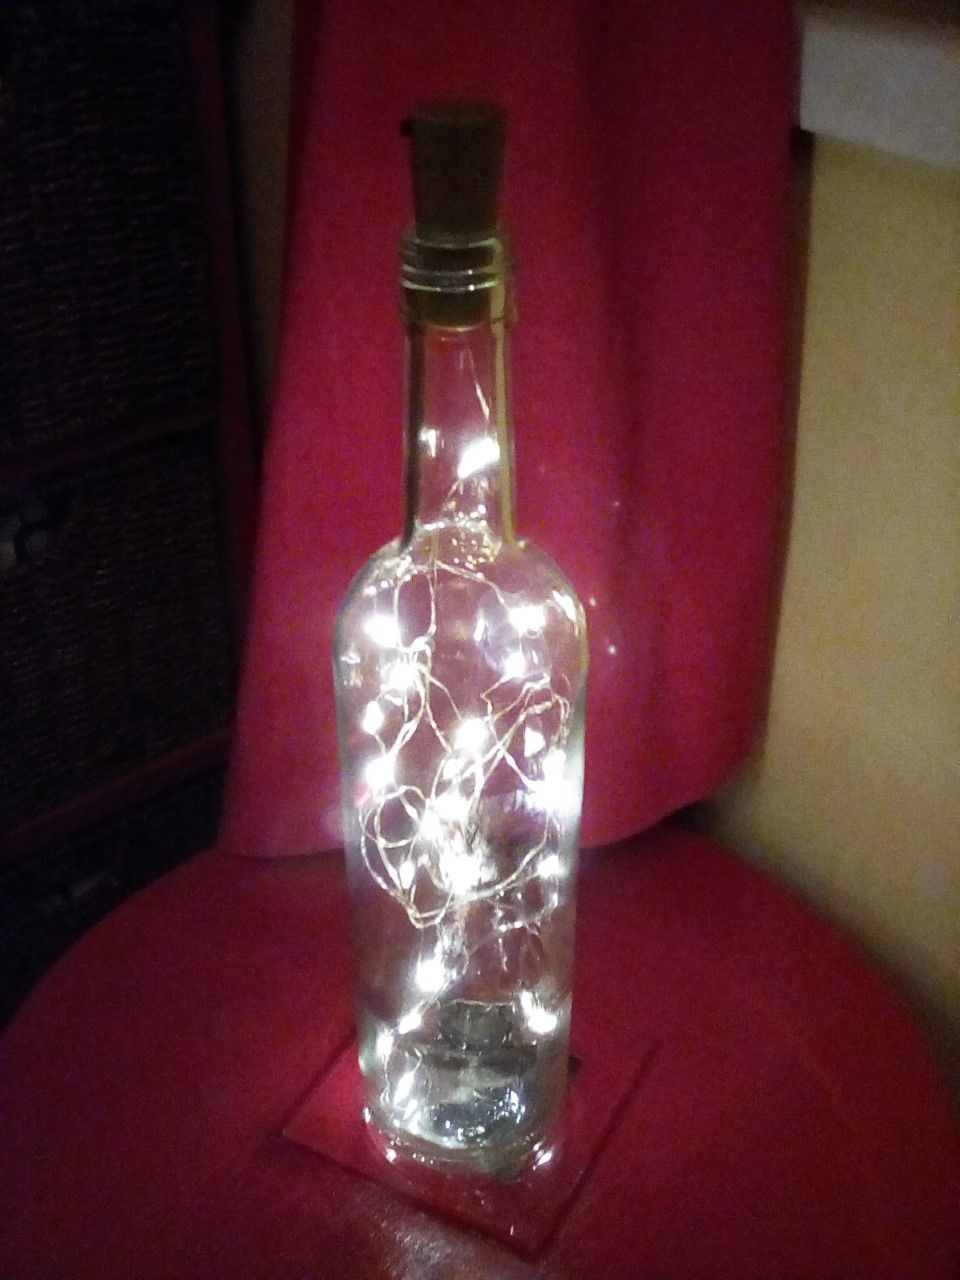 Light Bottle In 2020 Bottle Lights Bottle Bottles Decoration